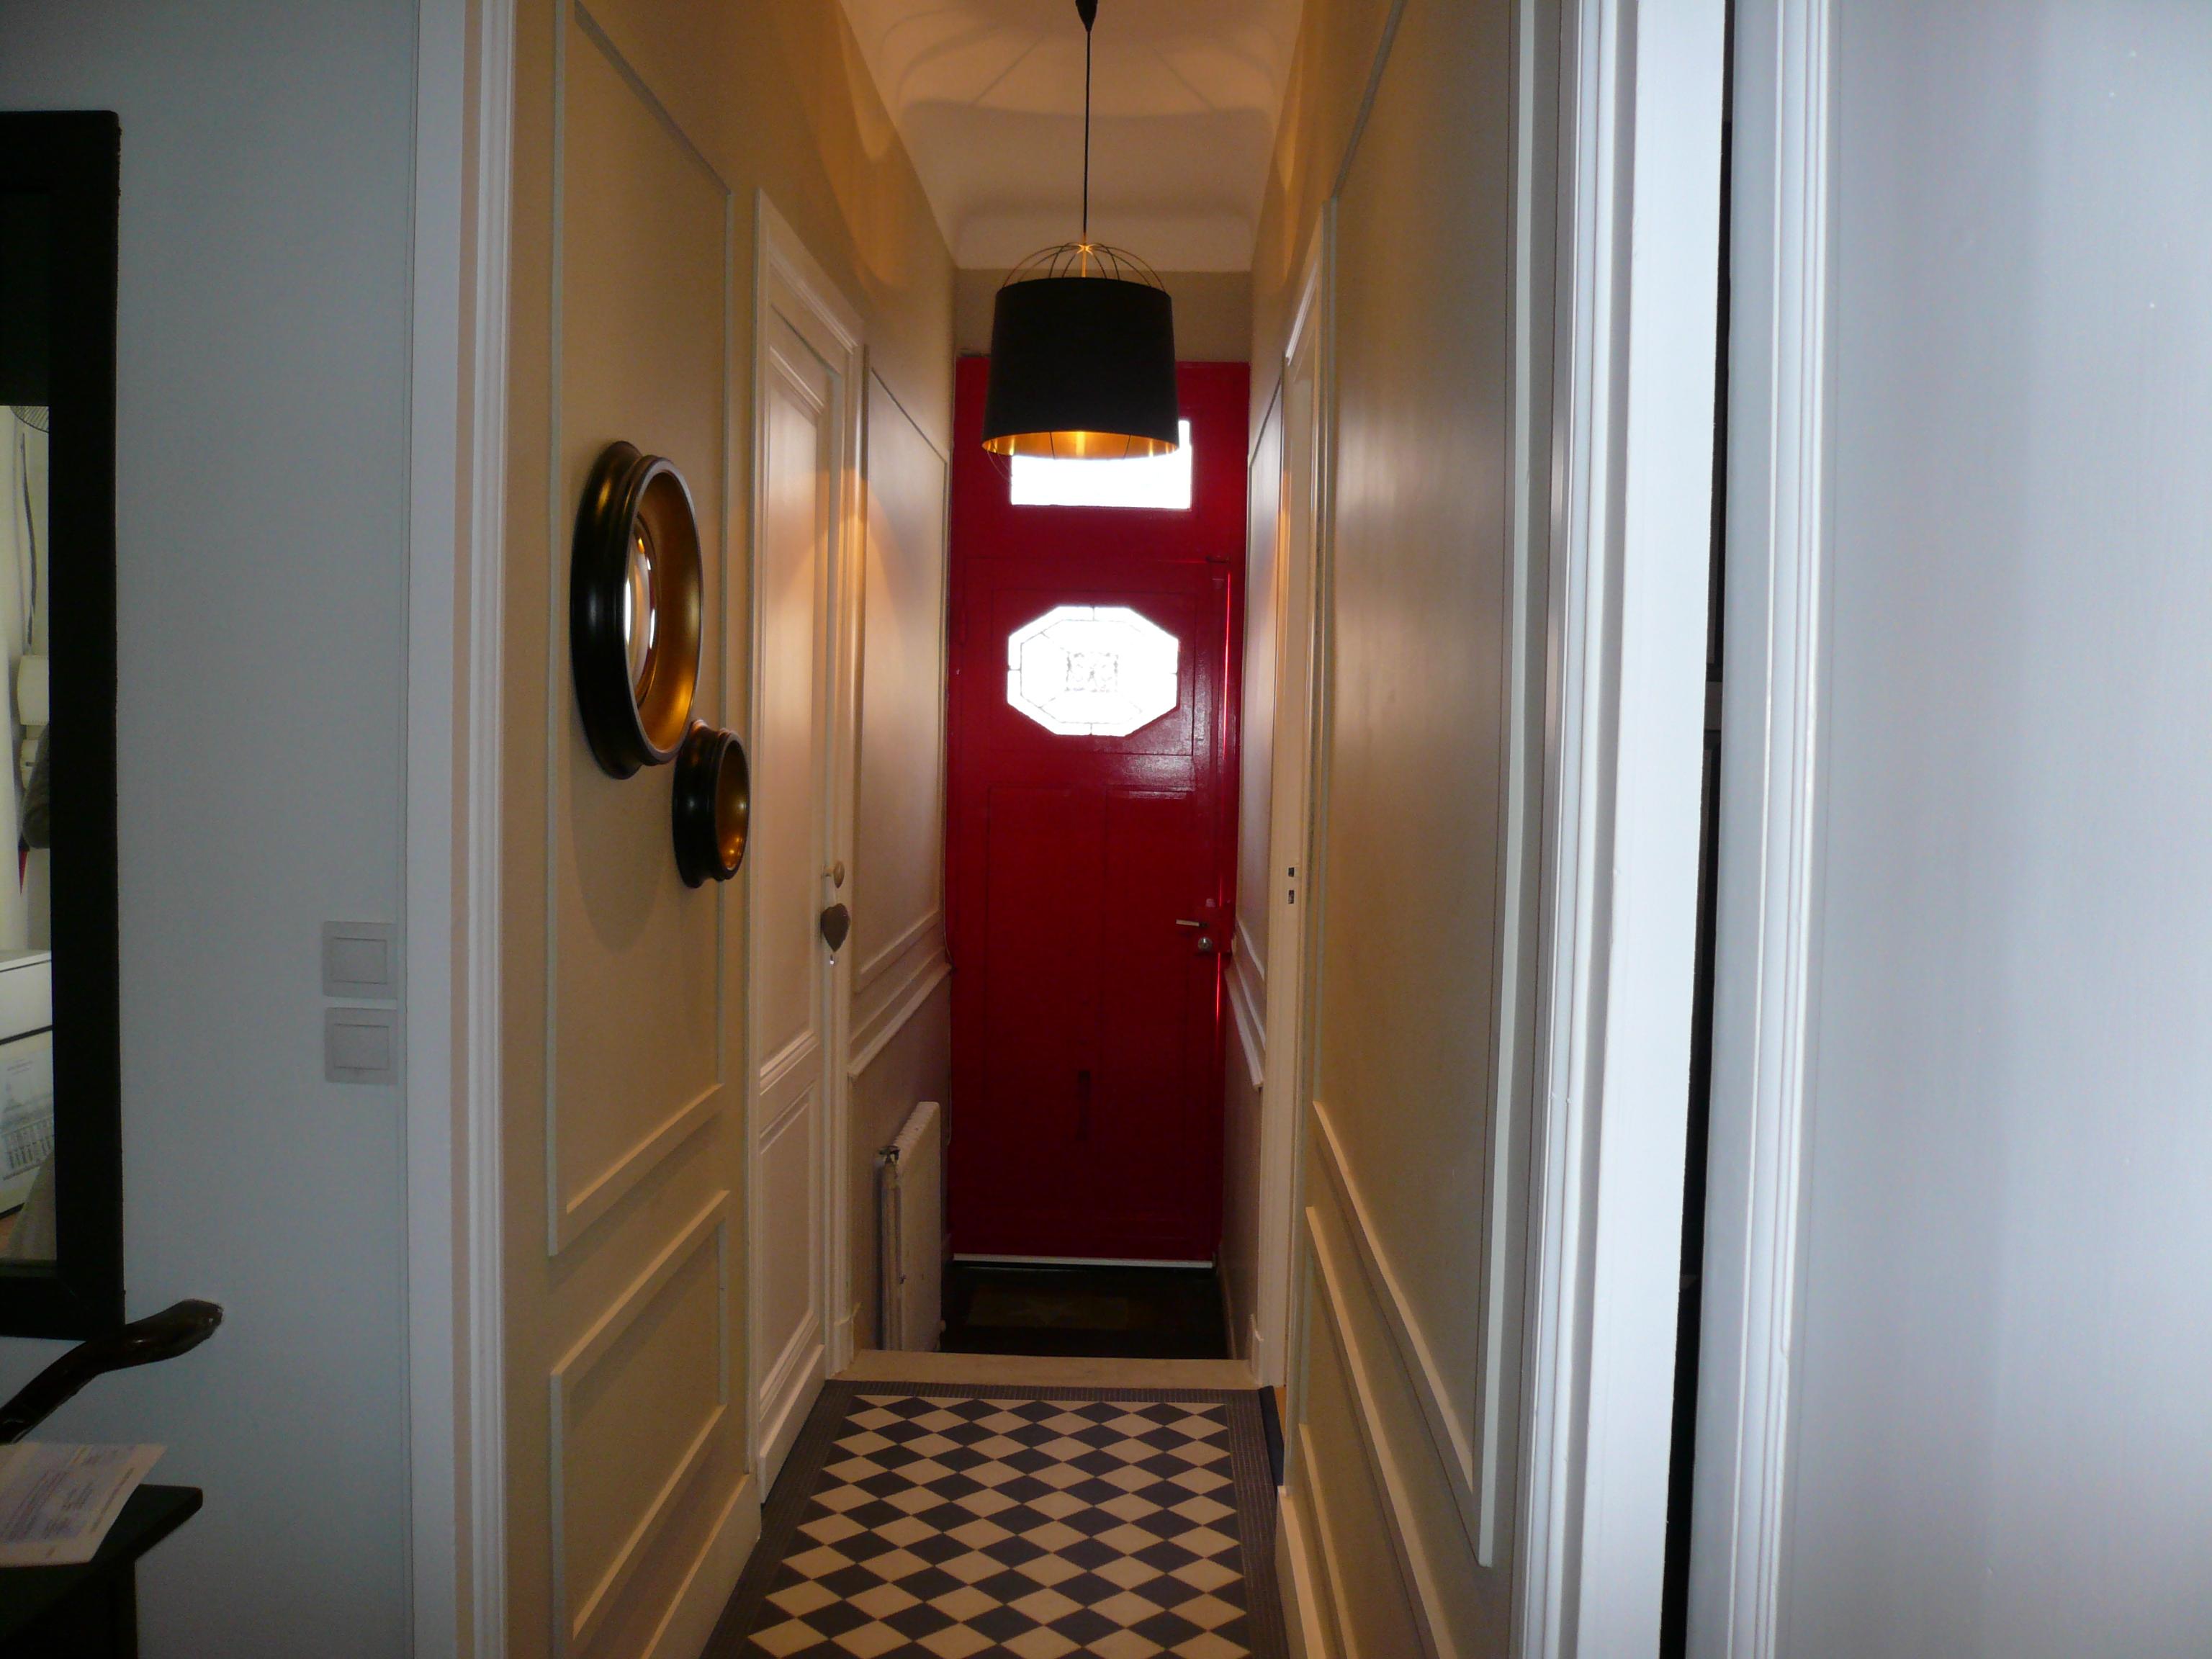 Une choppe bordelaise d coration int rieure bordeaux - Decoration interieur bordeaux ...